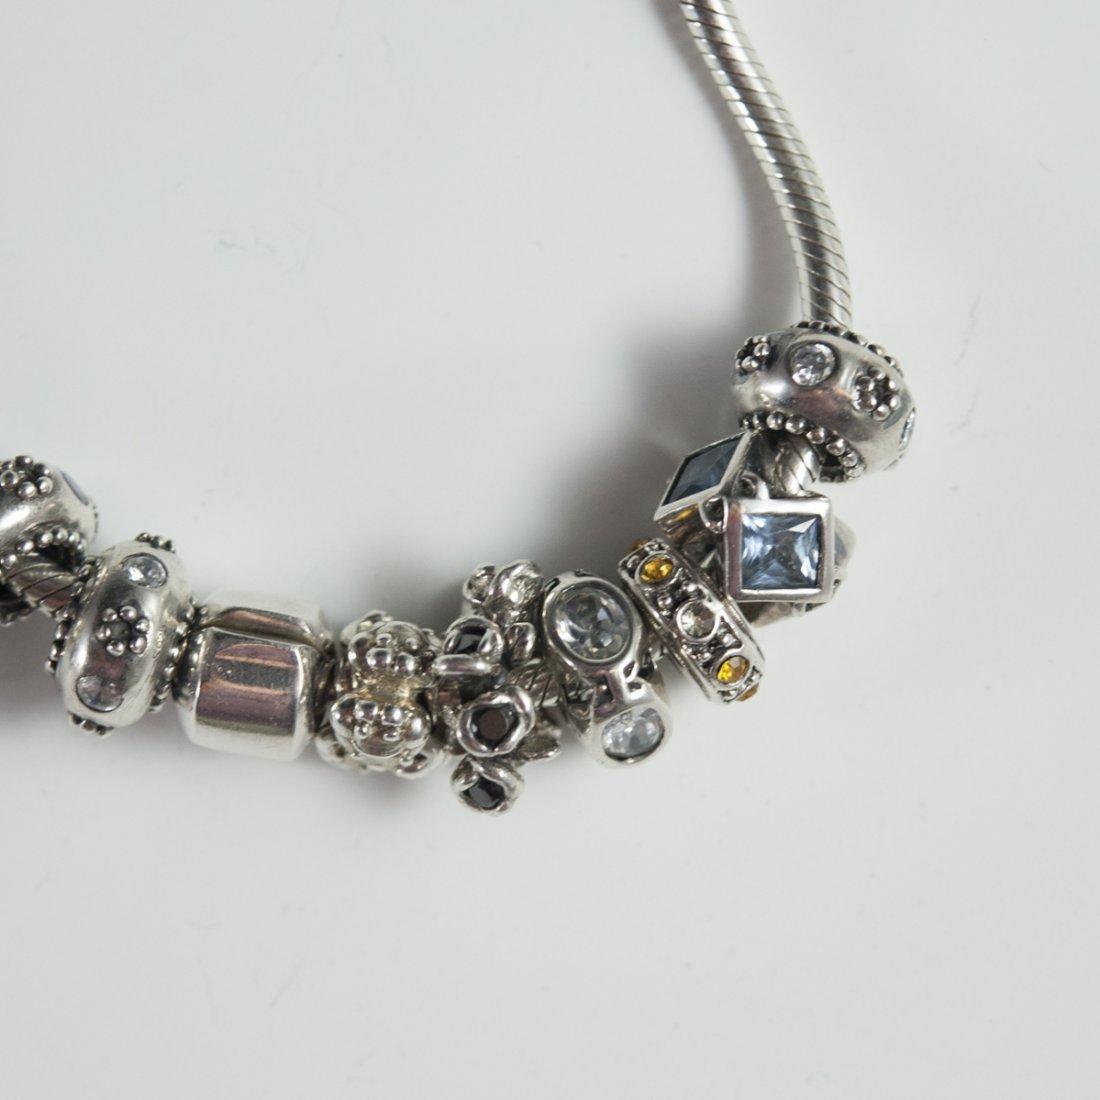 Pandora Style Sterling Bracelets - 2